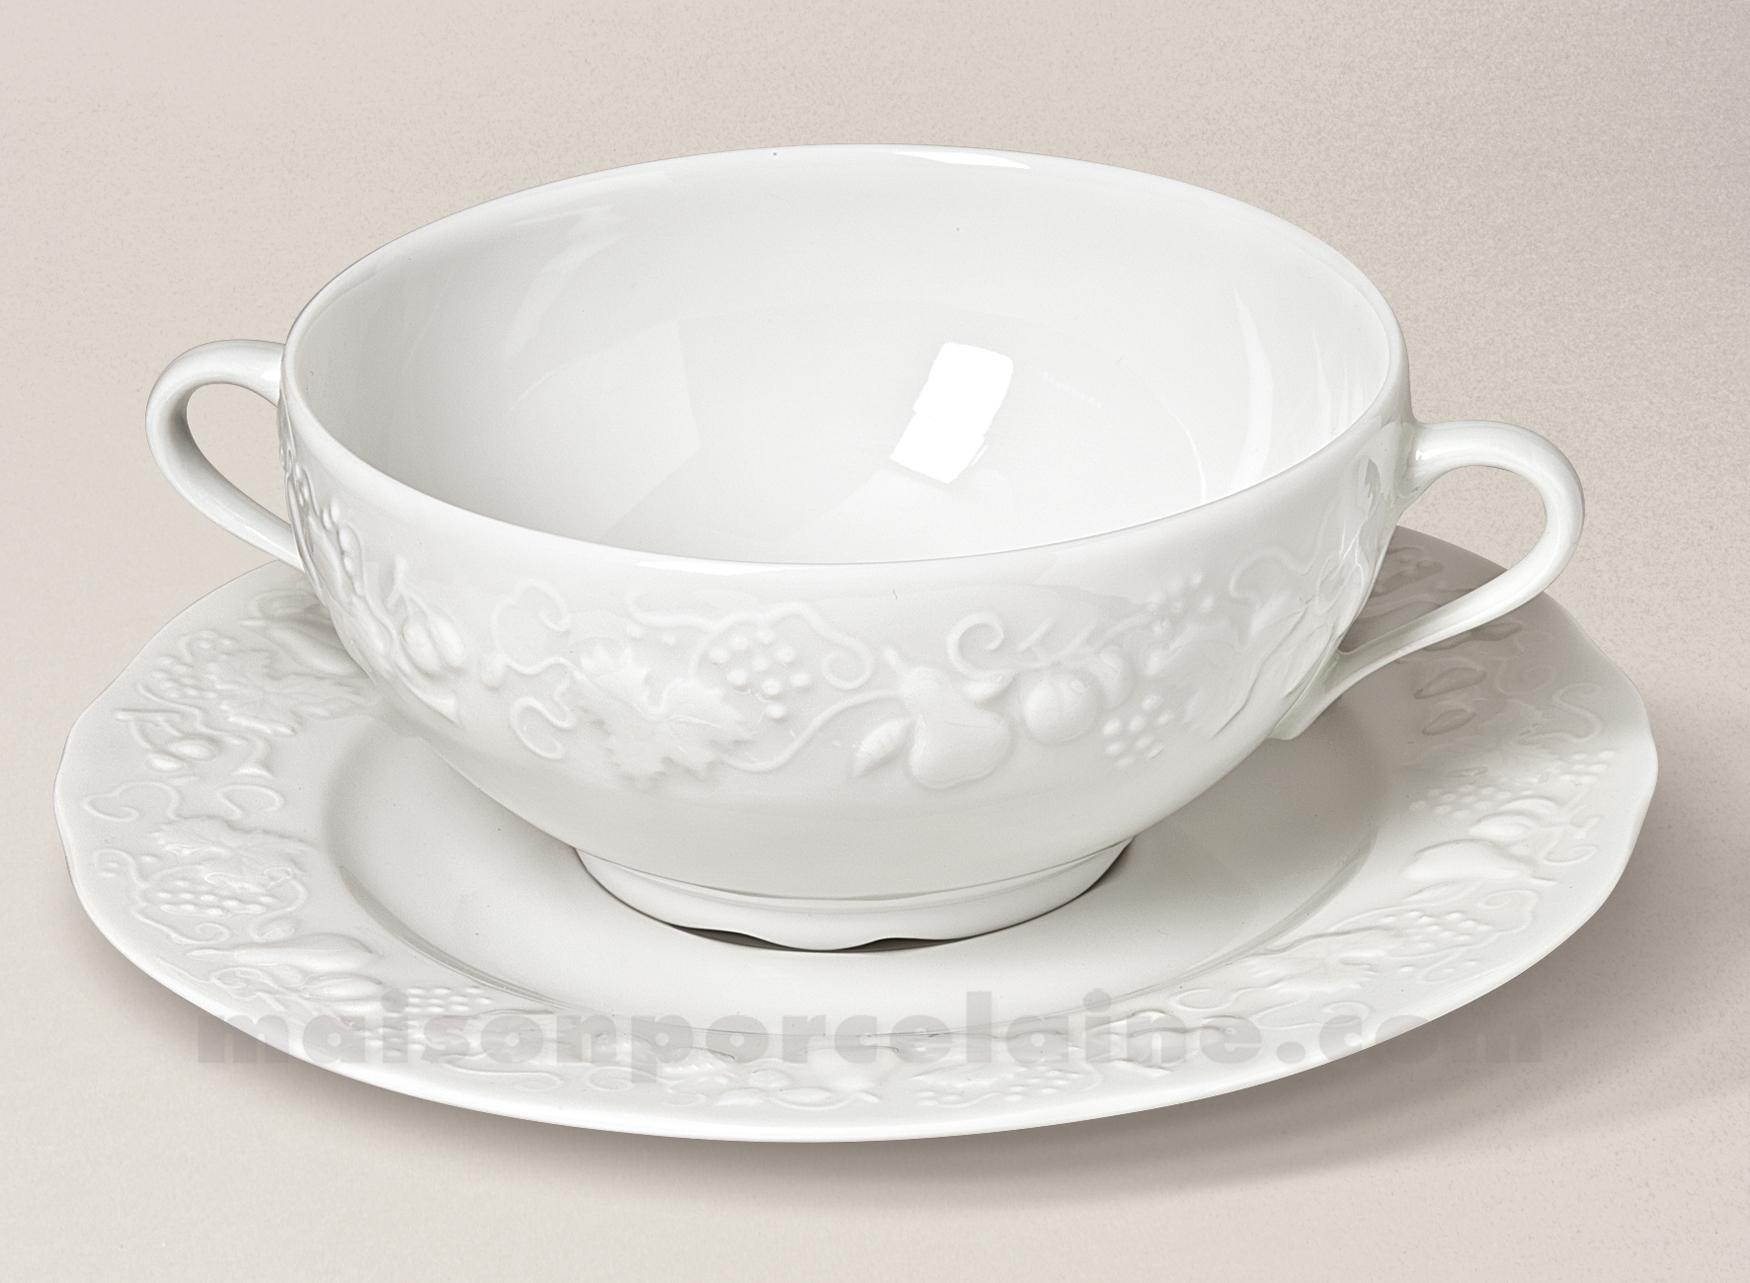 tasse bouillon soucoupe california limoges porcelaine blanche 40cl maison de la porcelaine. Black Bedroom Furniture Sets. Home Design Ideas